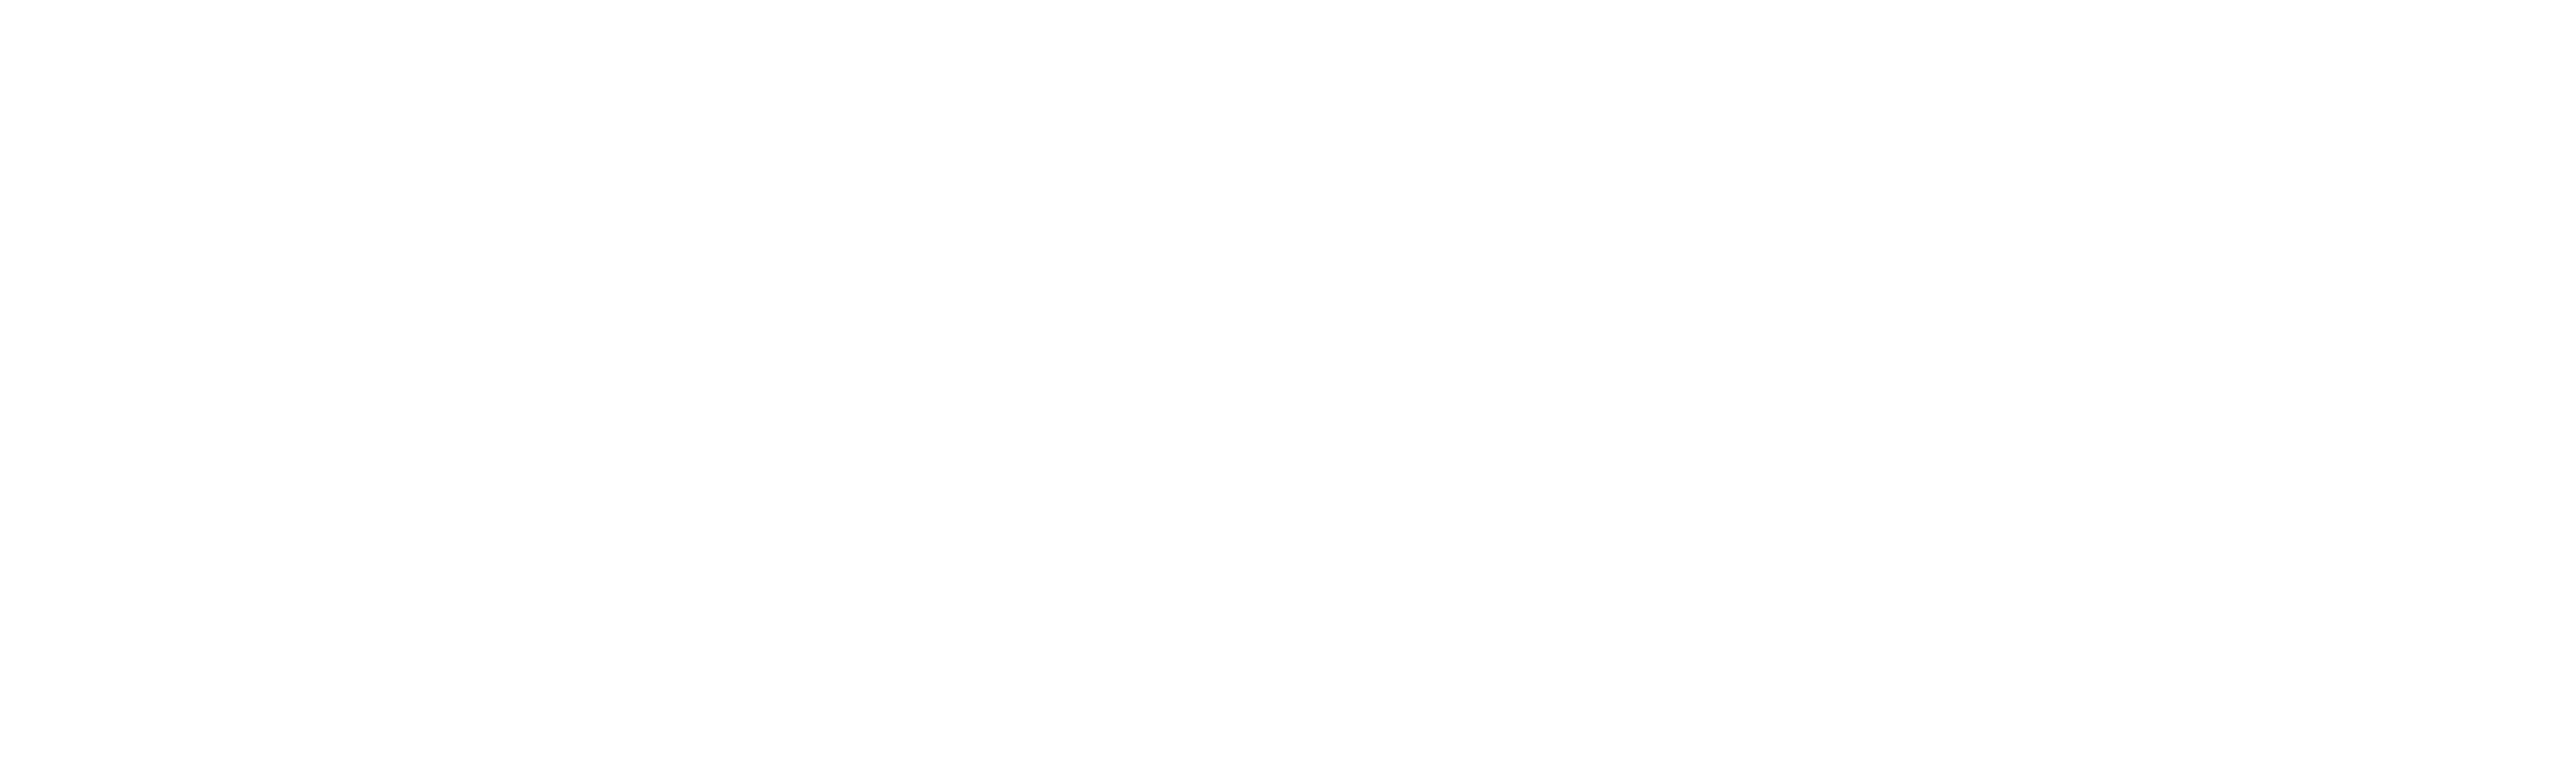 Truyo Logo White